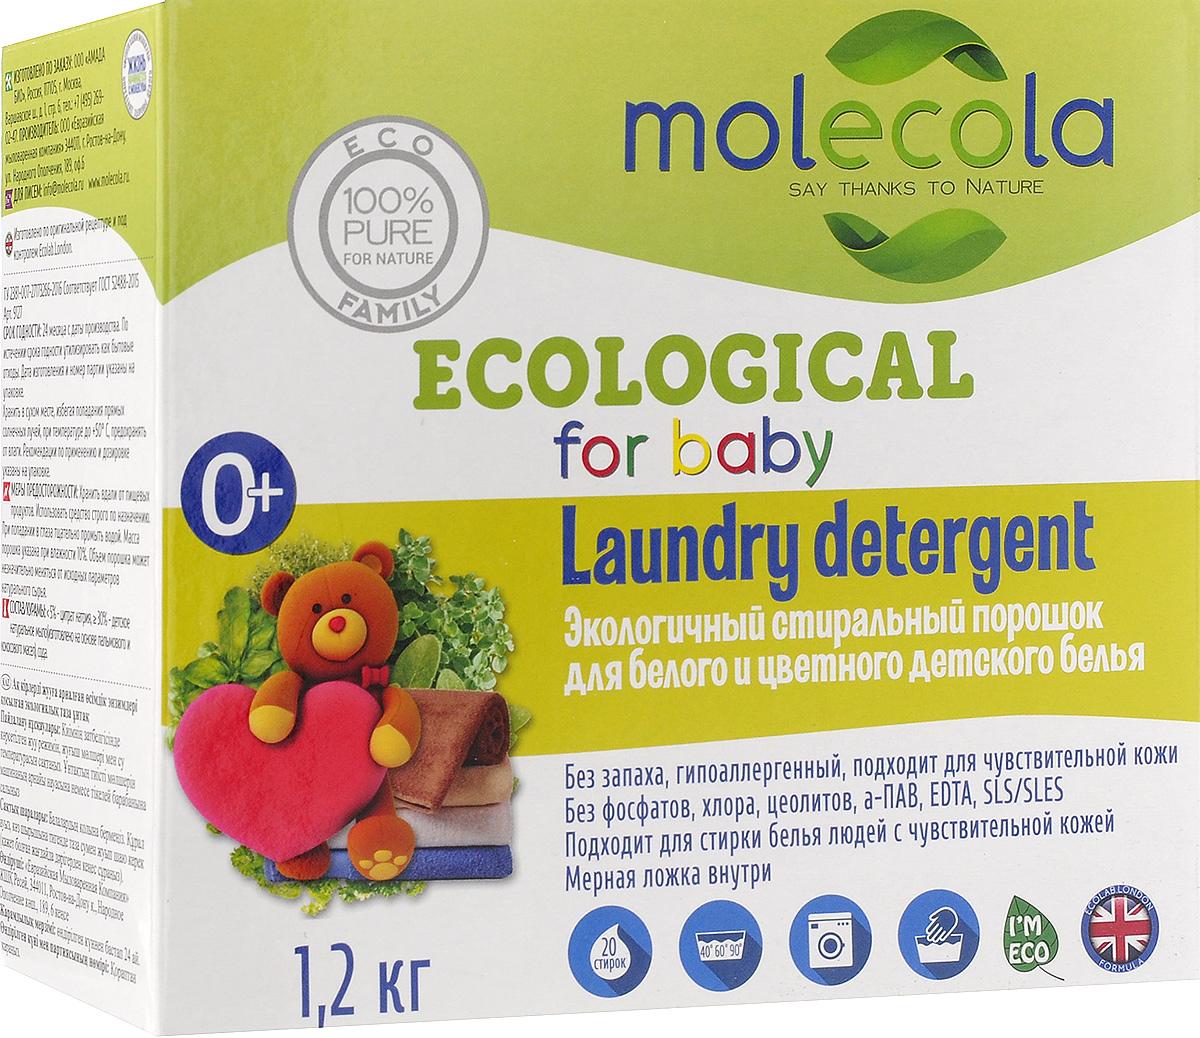 Стиральный порошок Molecola, для белого и цветного детского белья, 1,2 кг9127Порошок Molecola мягко отстирывает и освежает детское белье и одежду для всех видов тканей, благодаря входящим в состав компонентам на растительной основе. Натуральное мыло эффективно устраняет свежие и стойкие загрязнения, способствует естественному отбеливанию. Сода активирует и усиливает моющую способность компонентов, поэтому для достижения желаемого результата при стирке требуется меньшее количество средства. Цитрат натрия смягчает воду и защищает стиральную машину машину от образования известкового налета. При соблюдении режима дозировки стиральный порошок быстро растворяется, легко и без остатка вымывается из ткани при полоскании. Благодаря деликатной формуле порошок помогает сохранить первоначальный вид детской одежды после многократных стирок. Экологичный стиральный порошок для детского белья Molecola является безопасный, как для детей с первых дней жизни, так и для окружающей среды:- порошок состоит из 100% натуральных компонентов,- средство не содержит фосфатов, оптических отбеливателей, агрессивных ПАВ, цеолитов, хлора, силикатов, красителей, нефтепродуктов, других токсичных веществ и безопасно в ручном способе стирки,- порошок идеально подходит для стирки детской одежды с первых дней жизни ребенка, а также для ухода за одеждой людей с чувствительной кожей,- порошок полностью биоразлагаем, не наносит ущерба природным источникам воды.Товар сертифицирован.